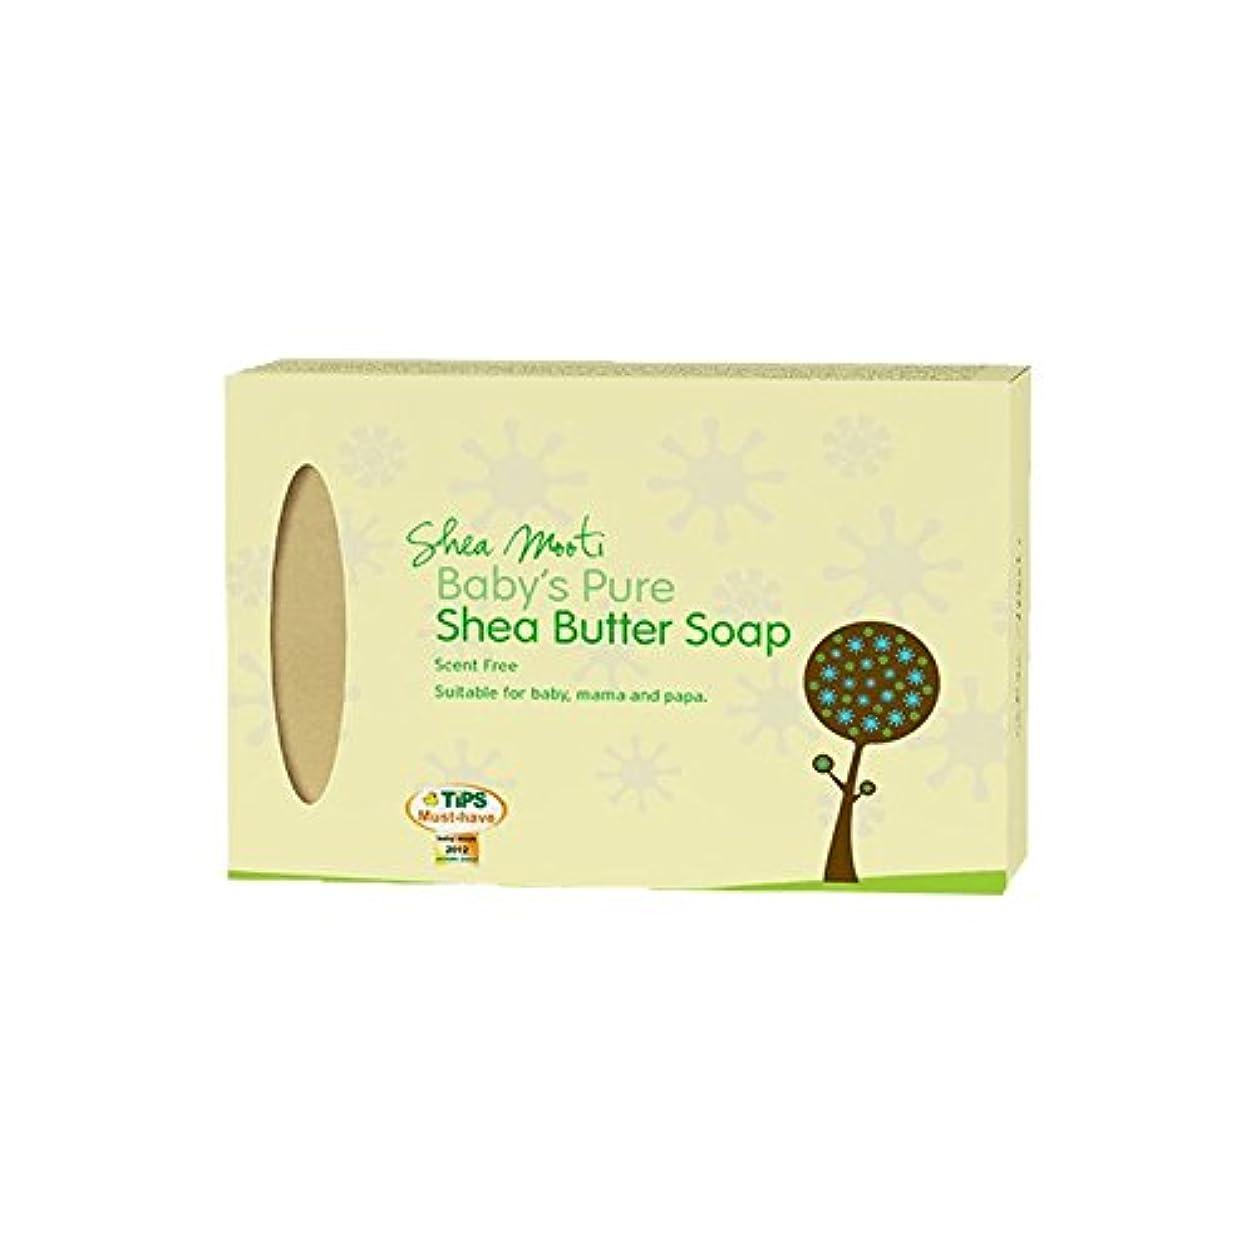 ひねくれたすばらしいですマンハッタンShea Mooti Baby's Pure Shea Butter Soap Unscented 250ml (Pack of 6) - シアバターMooti赤ちゃんの純粋なシアバターソープ無香250ミリリットル (x6...